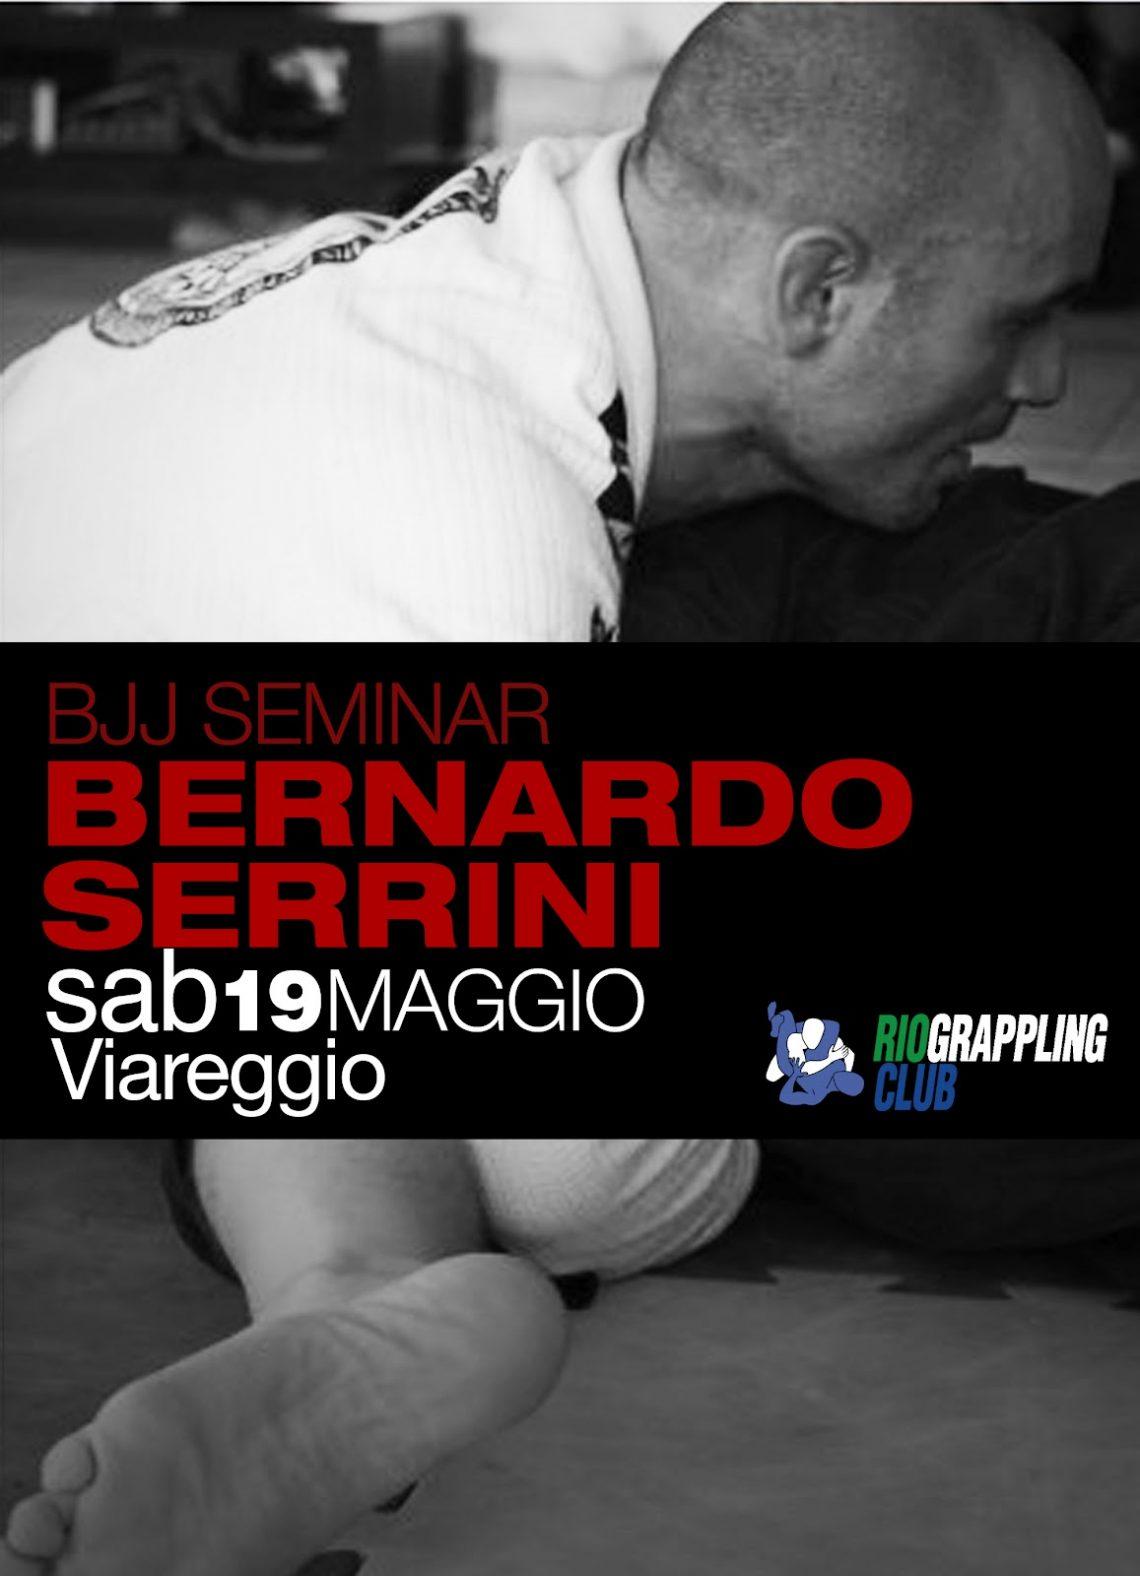 19 Maggio - Bernardo Serrini in Stage a Viareggio 1